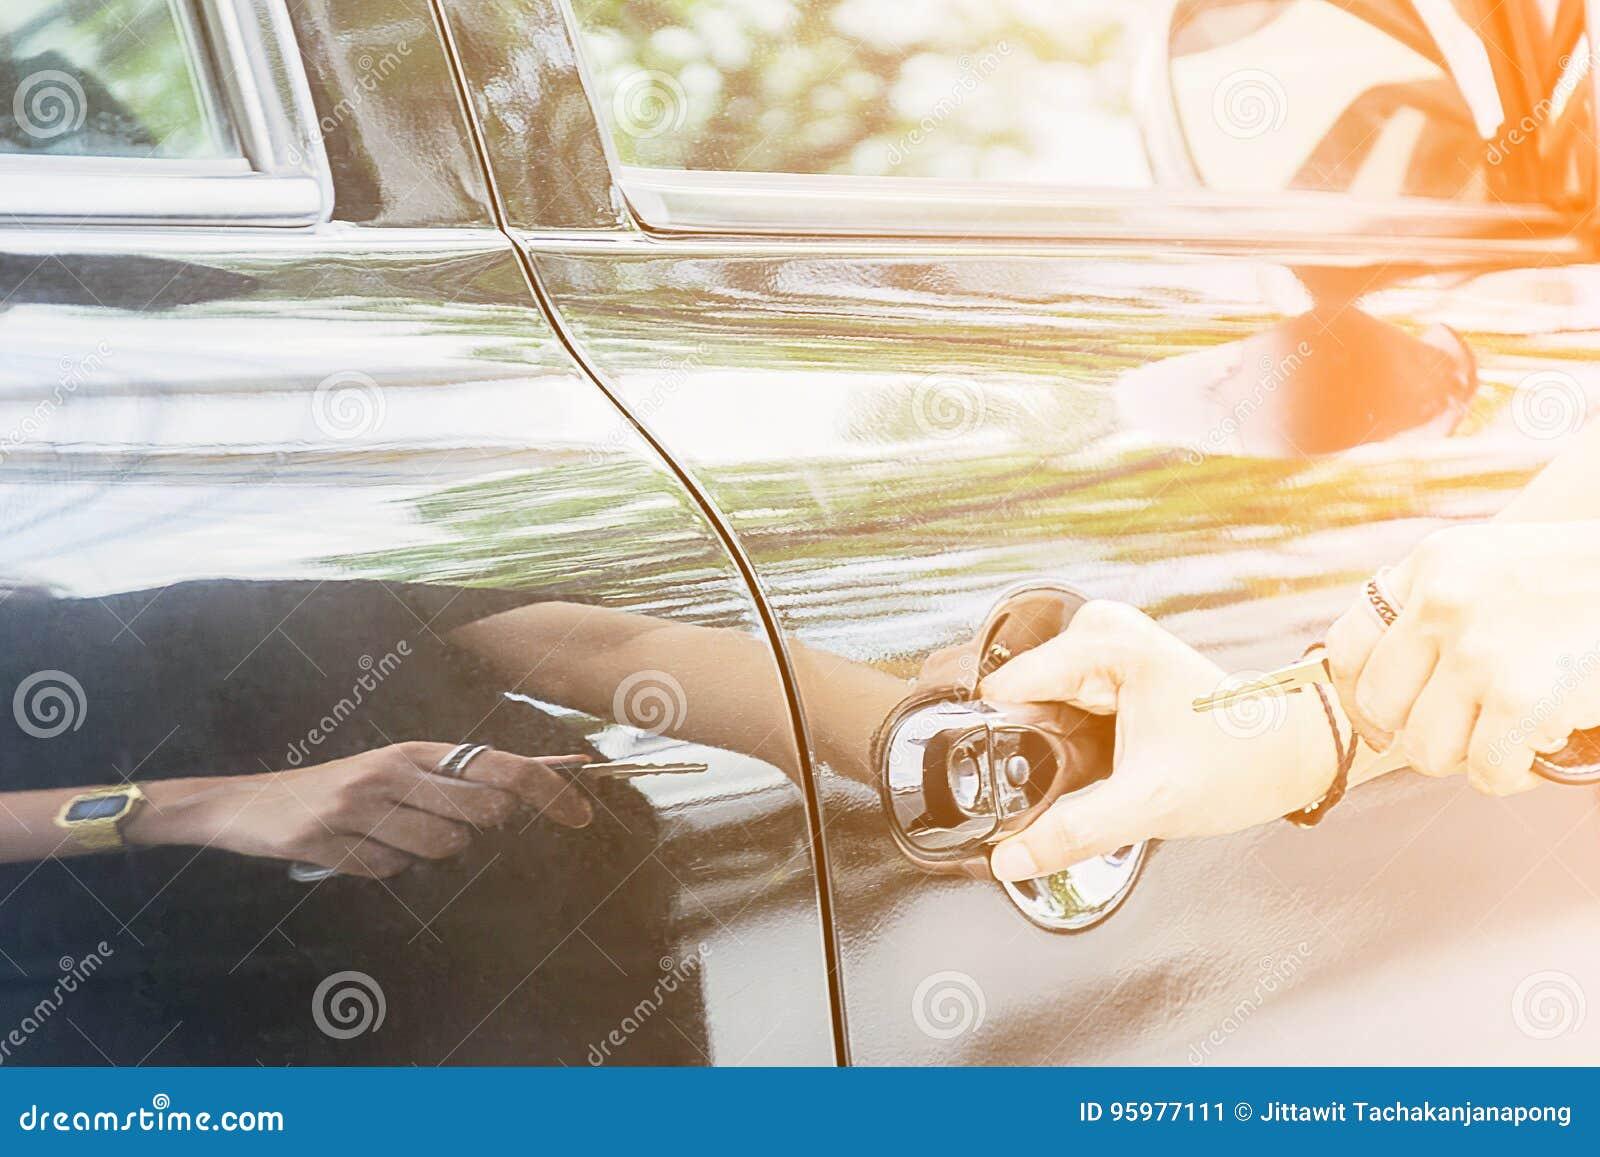 Οι γυναίκες πιάνουν τα κλειδιά αυτοκινήτων,